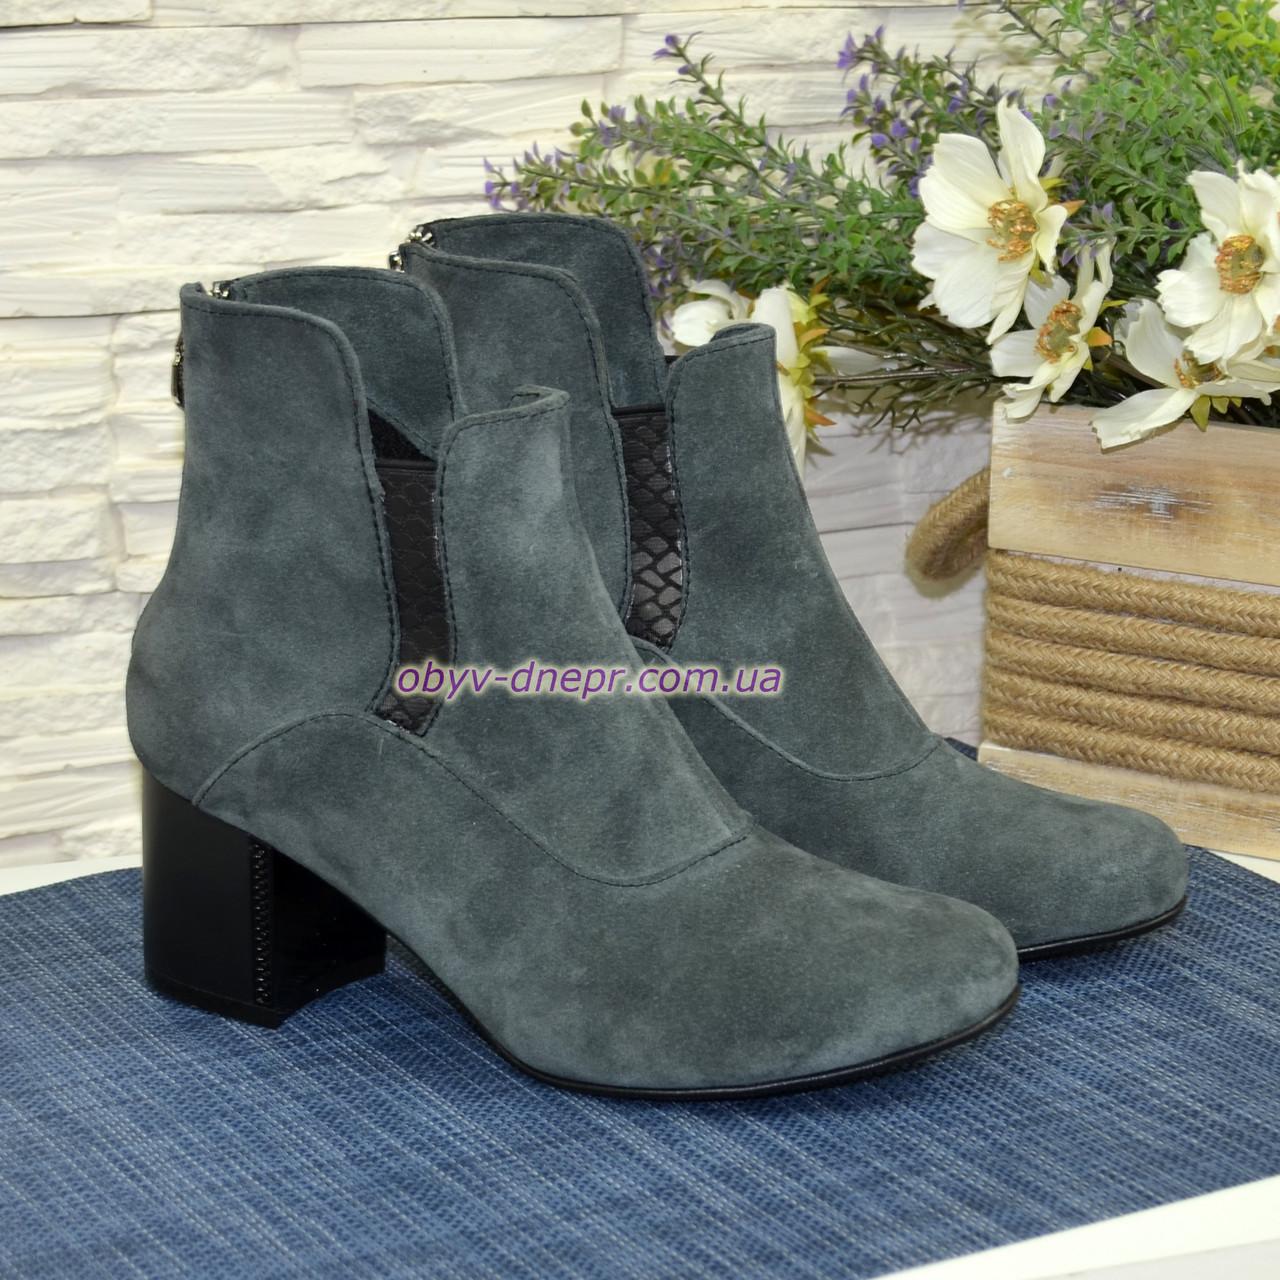 Ботинки замшевые зимние на невысоком каблуке, сзади на молнии. Цвет серый